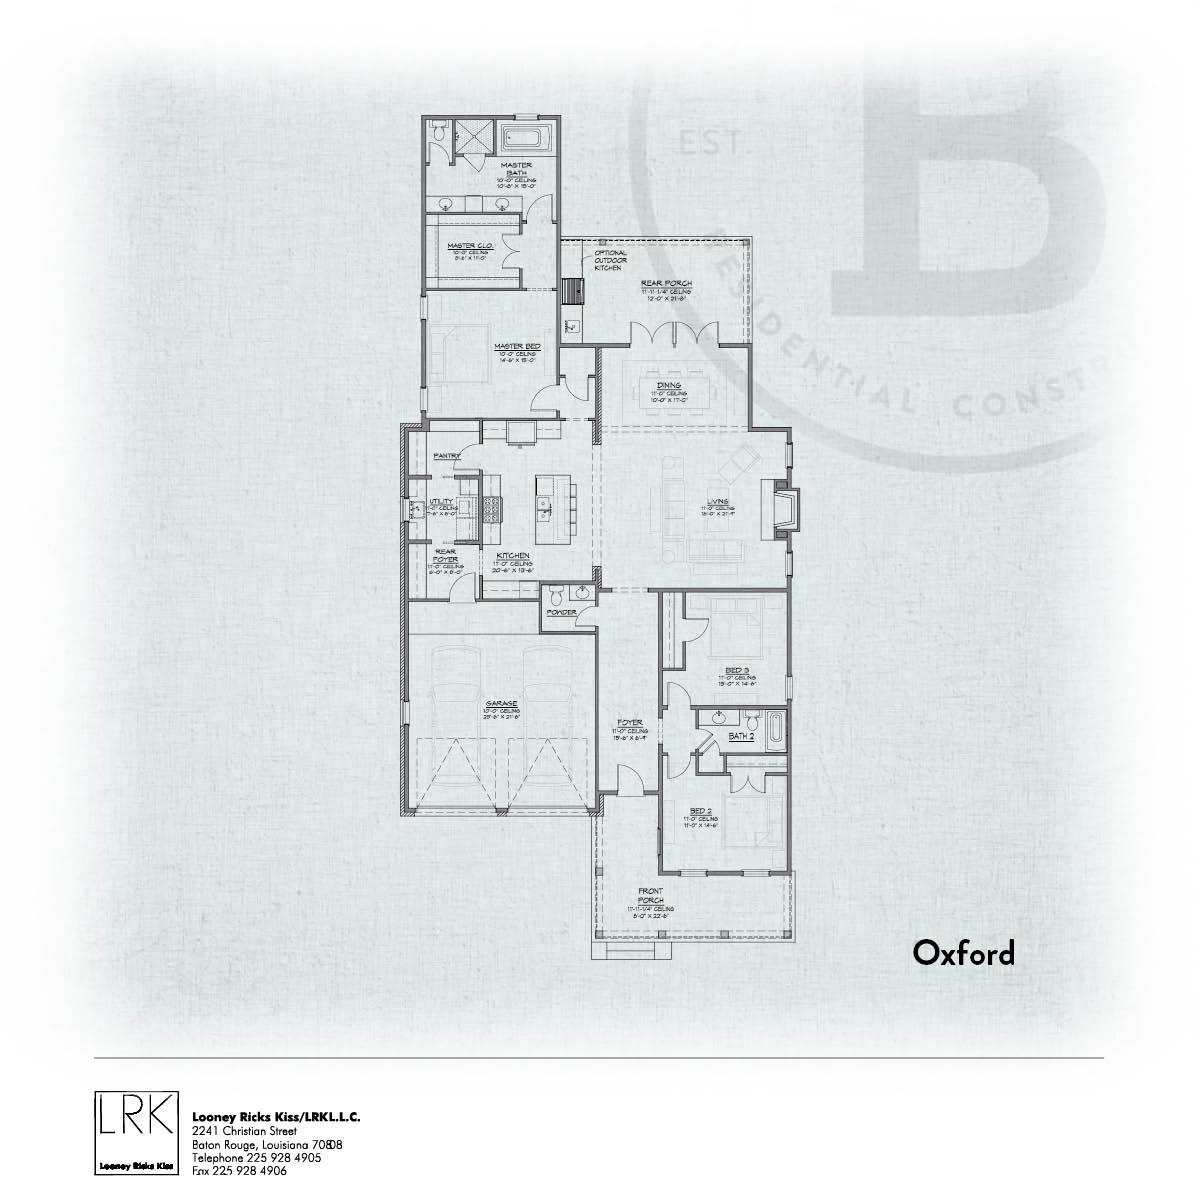 Oxford A Floorplan